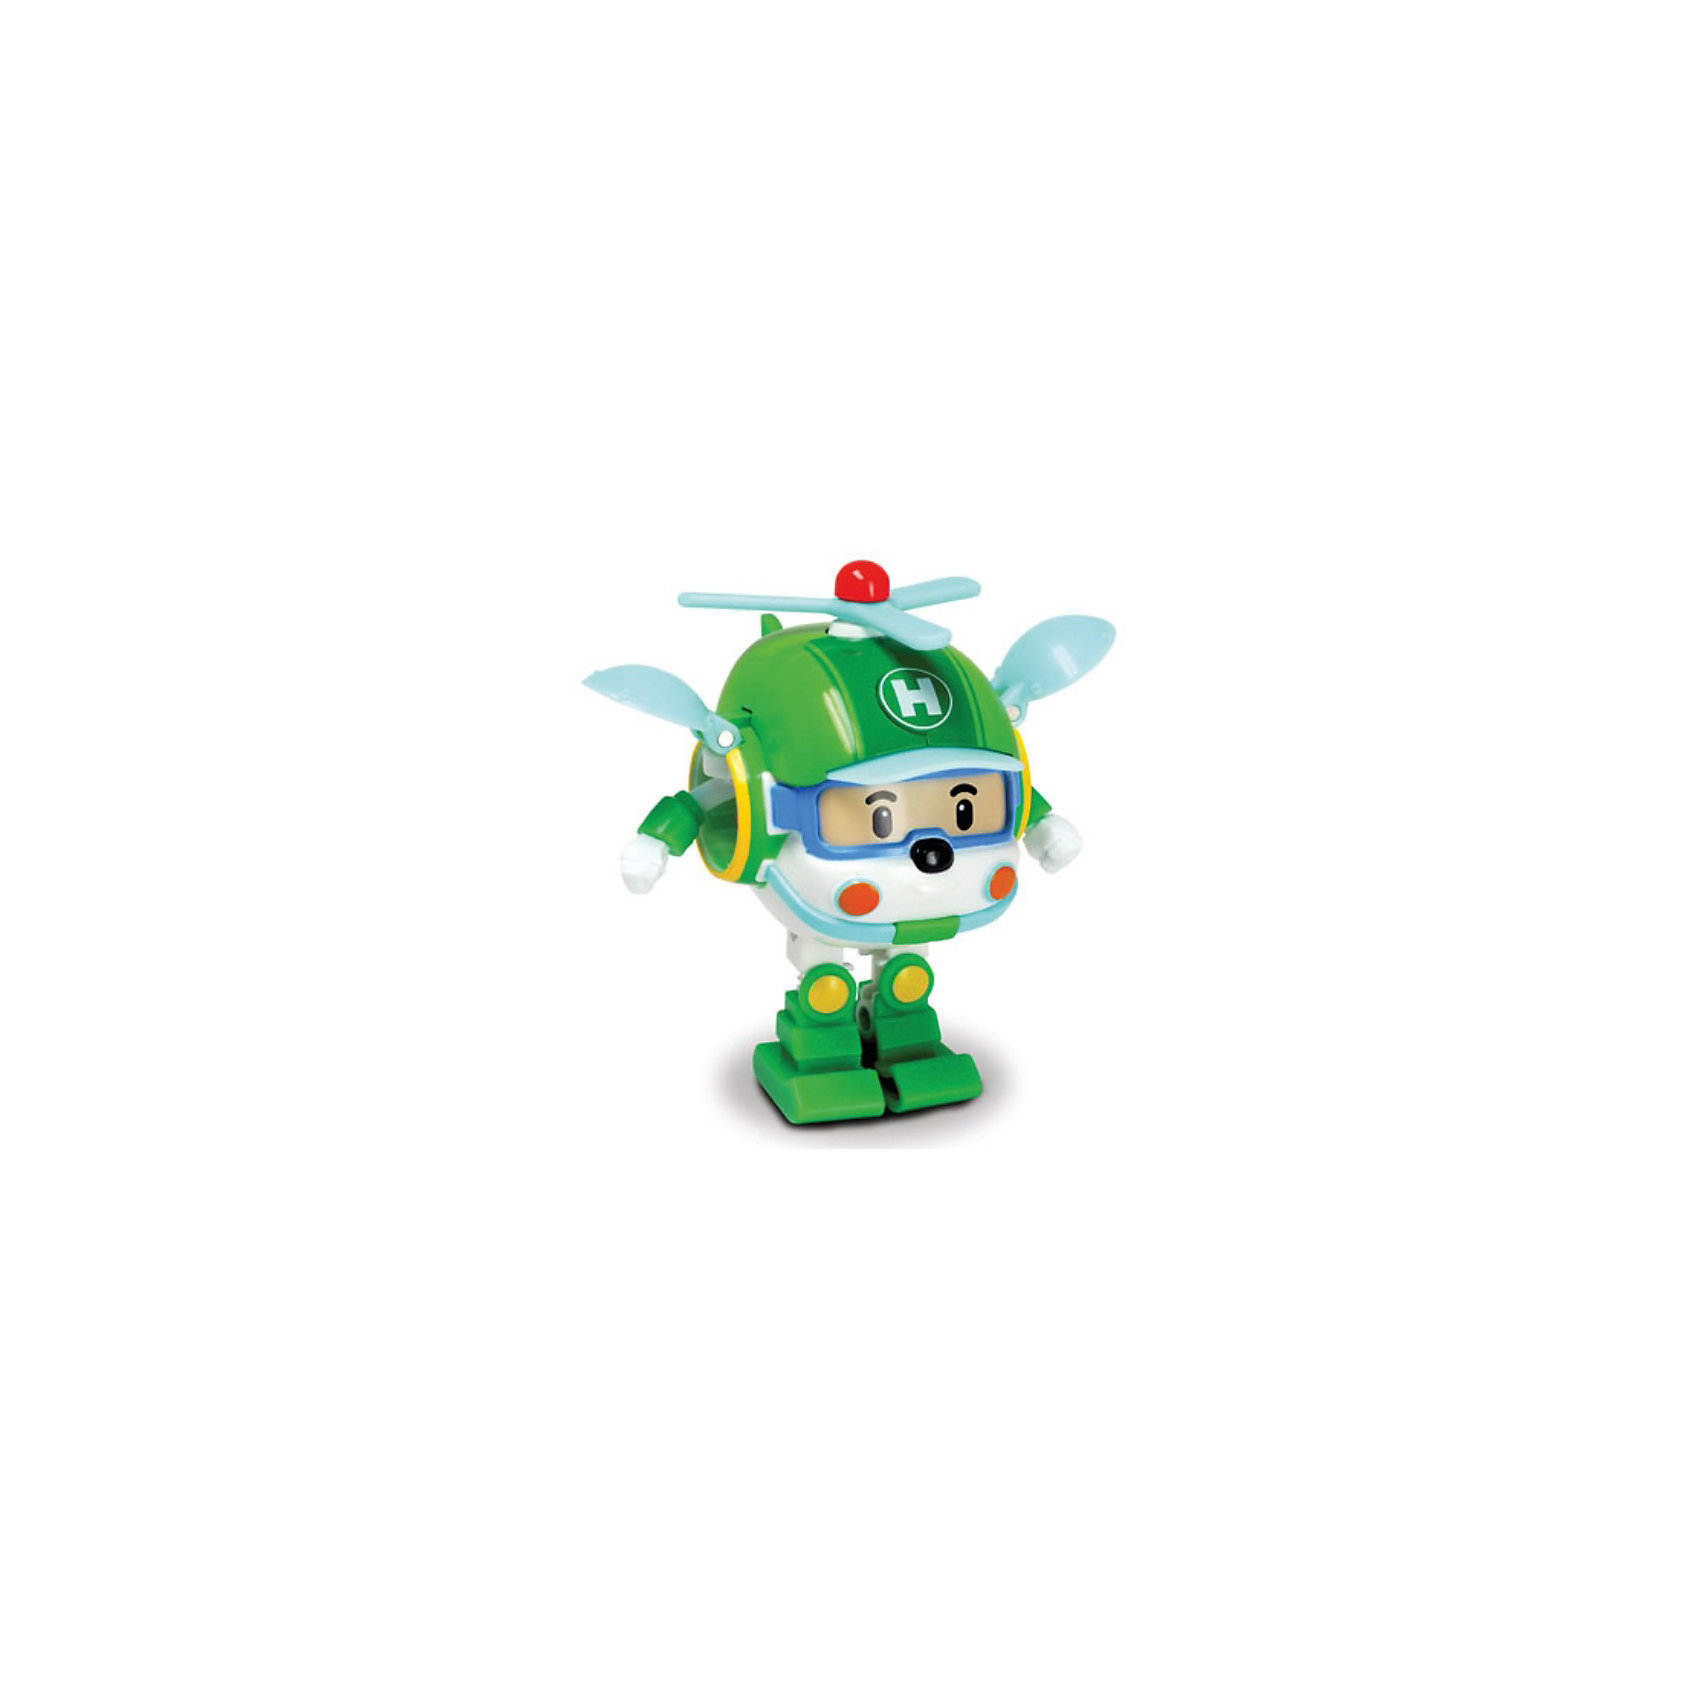 Игрушка Хэли трансформер, 7,5 см,  Робокар ПолиМашинки и транспорт для малышей<br>Игрушка Хэли трансформер, Robocar Poli (Робокар Поли) станет замечательным подарком для всех юных поклонников мультсериала Робокар Поли и его друзья (Robocar Poli). Спасательная<br>команда служебных машинок всегда готова прийти на помощь жителям городка Брумстаун и выручить в любой ситуации. Вертолет Хэли патрулирует город с воздуха, чтобы всегда во<br>время принять участие в спасательной операции. <br><br>Внешний вид вертолета полностью соответствует своему персонажу из мультфильма. Симпатичный зеленый вертолет имеет компактный миниатюрный размер и легко<br>трансформируется в робота с подвижными деталями, благодаря чему игрушку можно использовать сразу в двух качествах - как небольшой вертолетик или как робота. Совместим<br>со всеми игровыми наборами Robocar Poli.<br><br>Дополнительная информация:<br><br>- Цвет: зеленый.<br>- Материал: пластик.<br>- Высота фигурки робота: 7,5 см.<br>- Длина вертолета: 6 см.<br>- Размер упаковки: 11 x 14 x 8 см.<br>- Вес: 0,134 кг.<br><br>Игрушка Хэли трансформер, Robocar Poli (Робокар Поли) можно купить в нашем интернет-магазине.<br><br>Ширина мм: 135<br>Глубина мм: 100<br>Высота мм: 80<br>Вес г: 123<br>Возраст от месяцев: 36<br>Возраст до месяцев: 84<br>Пол: Мужской<br>Возраст: Детский<br>SKU: 3827054